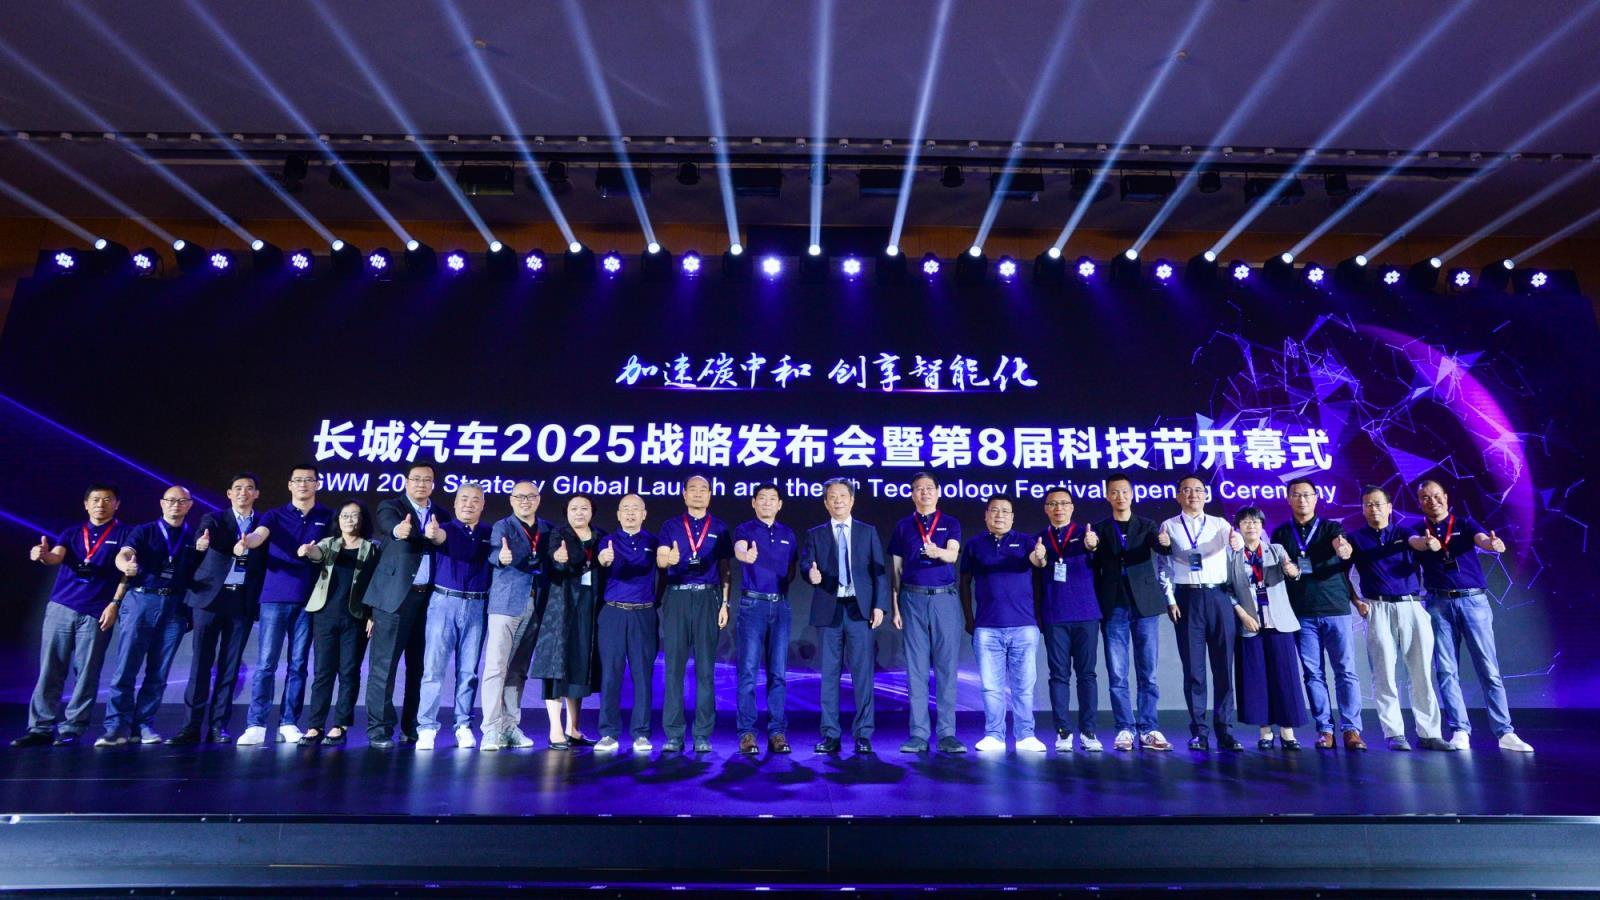 长城汽车第8届科技节开幕.jpg